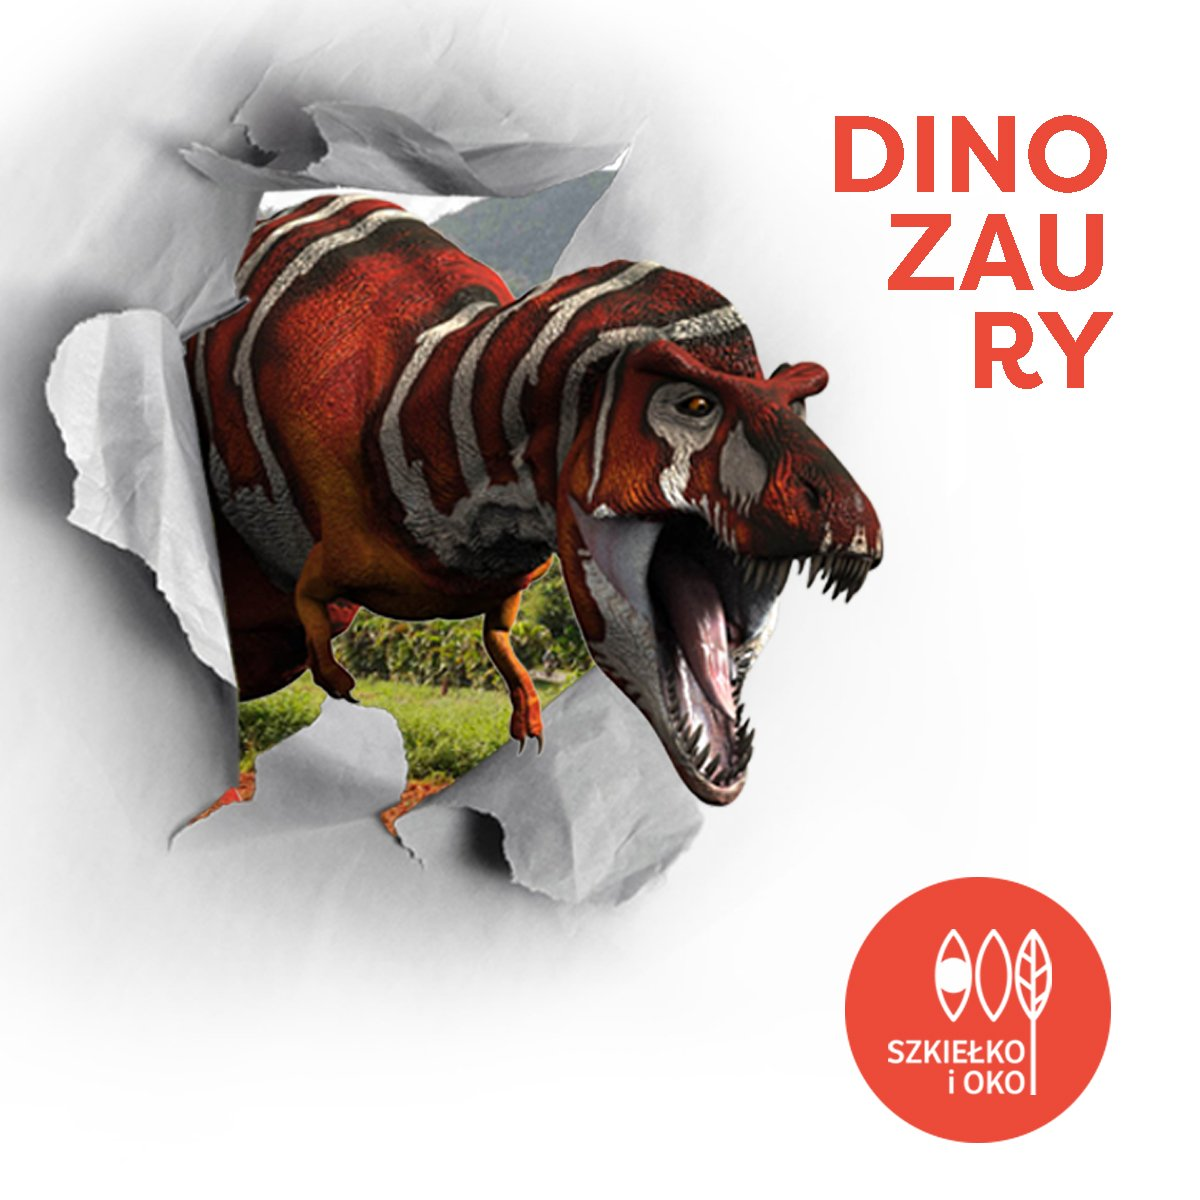 Dinozaury. Warsztaty przyrodnicze ze Szkiełkiem i Okiem